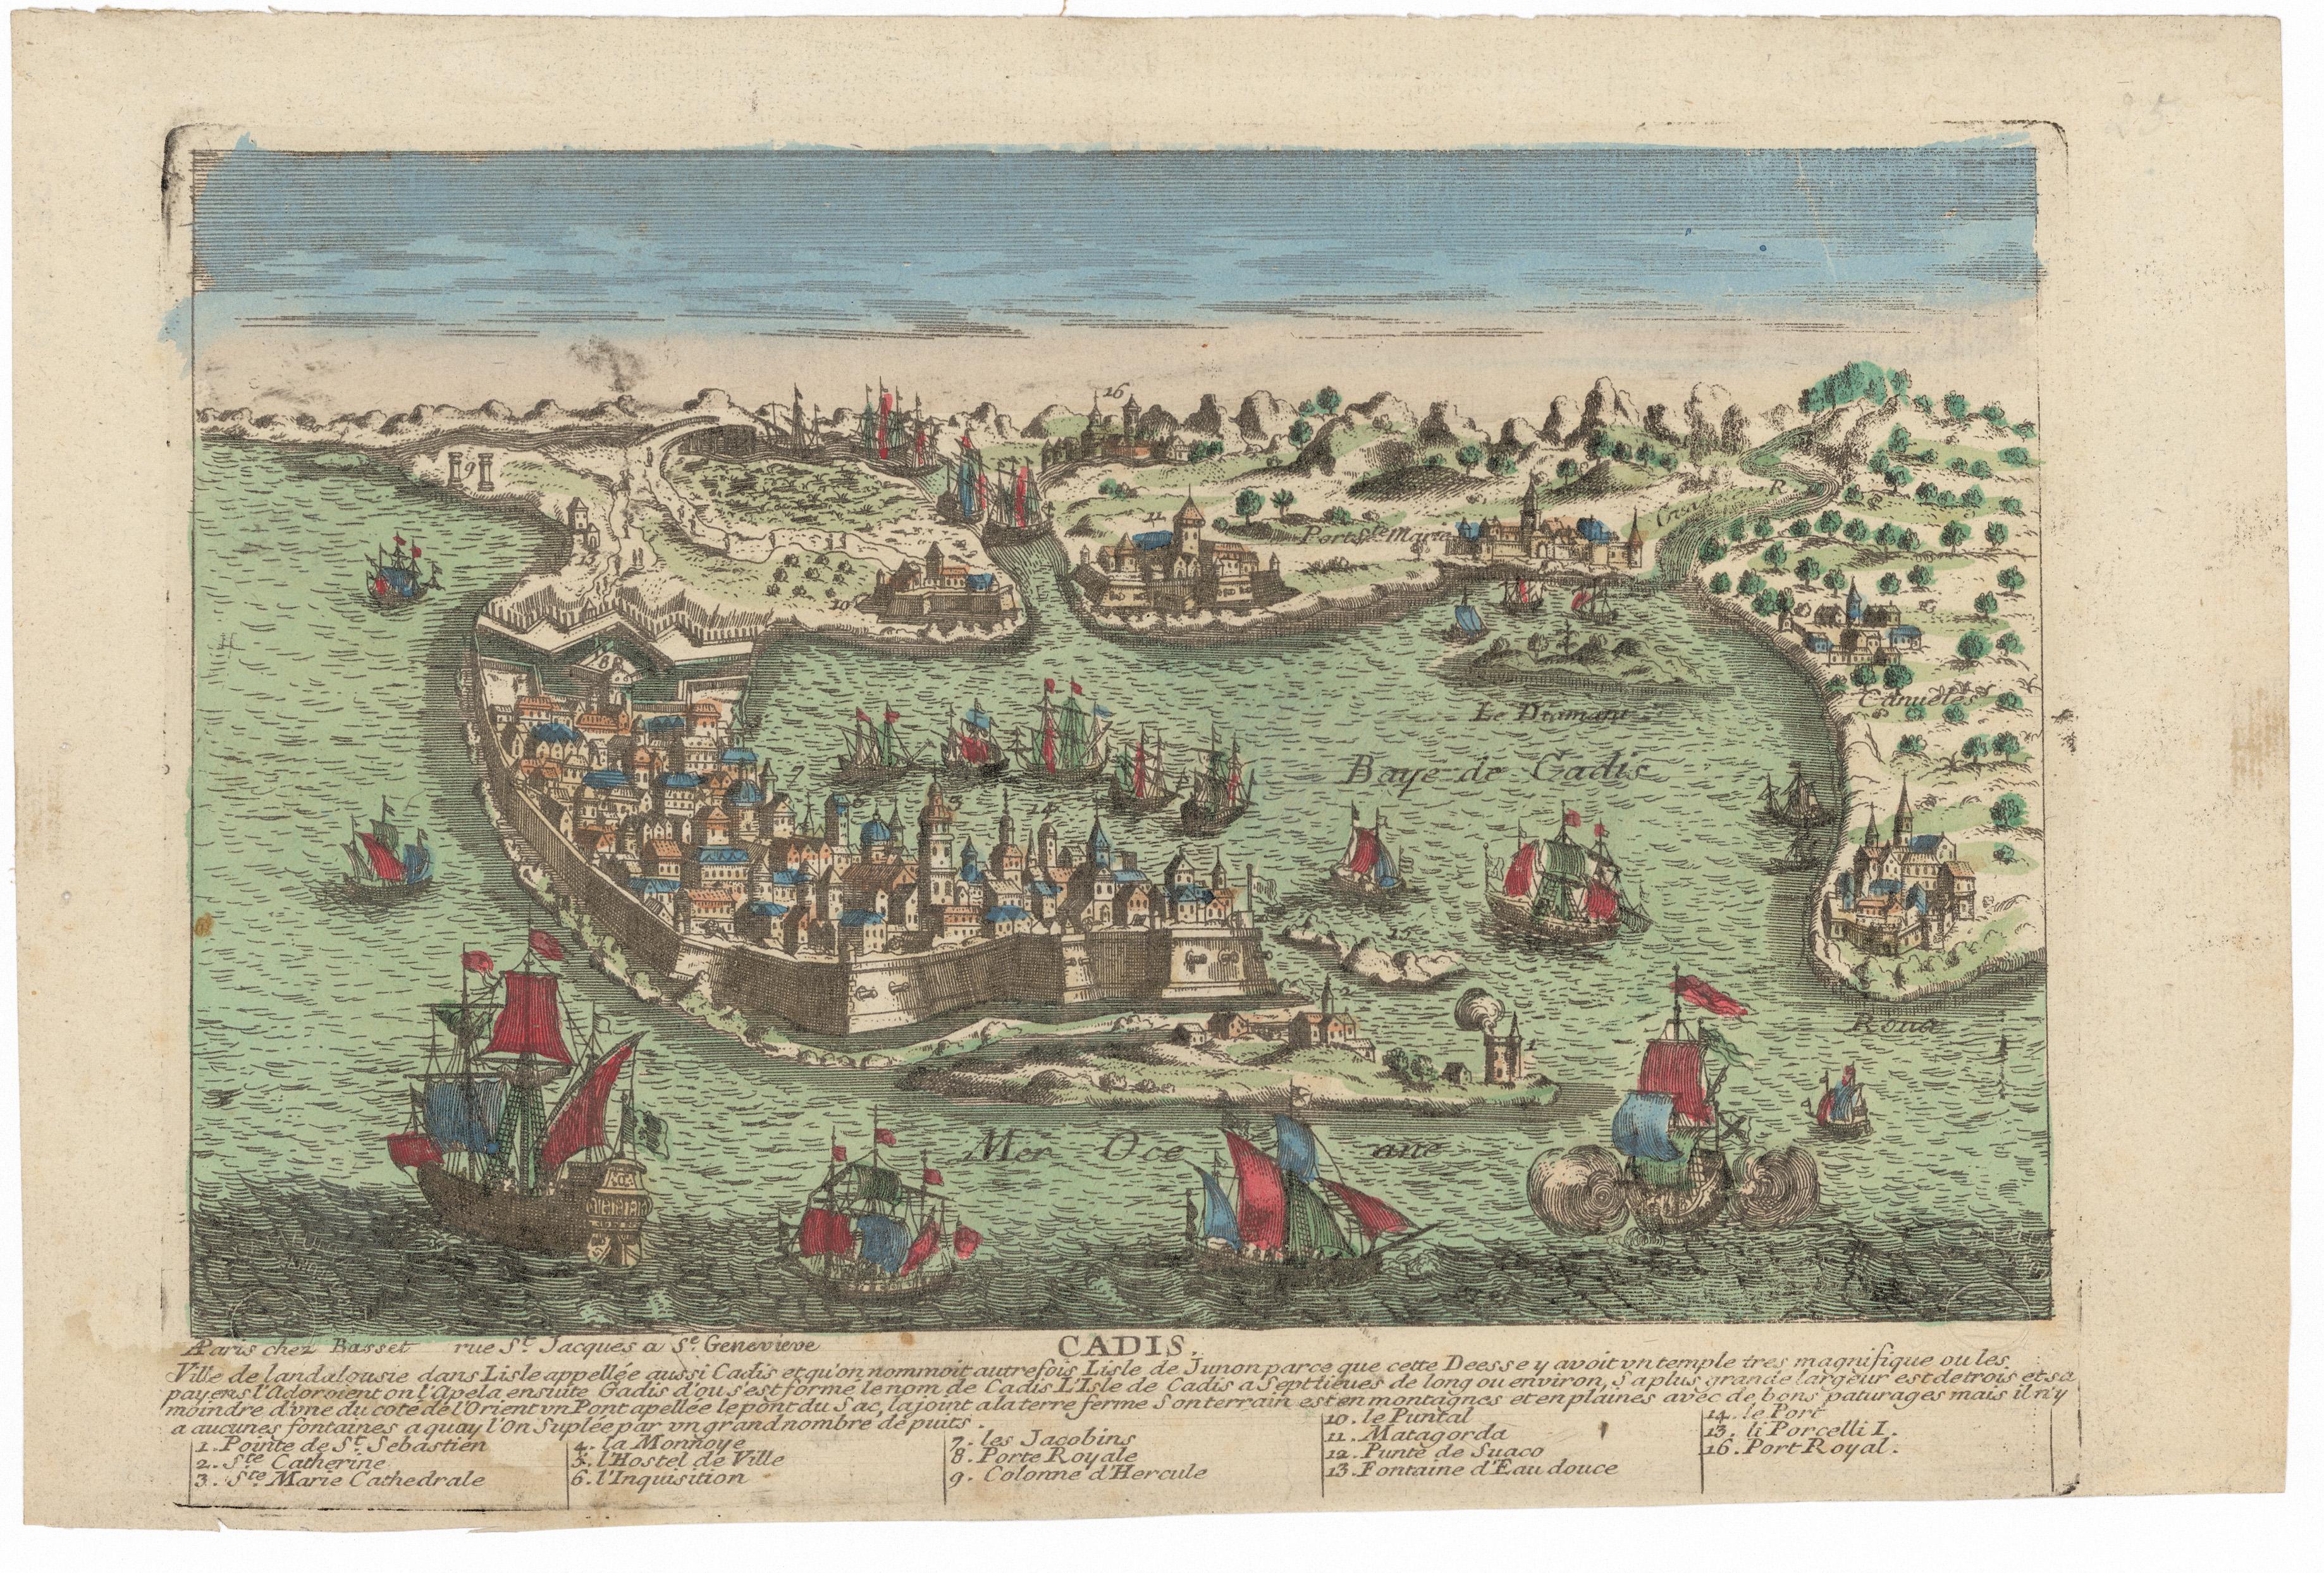 Plano de la Bahía de Cádiz en 1700